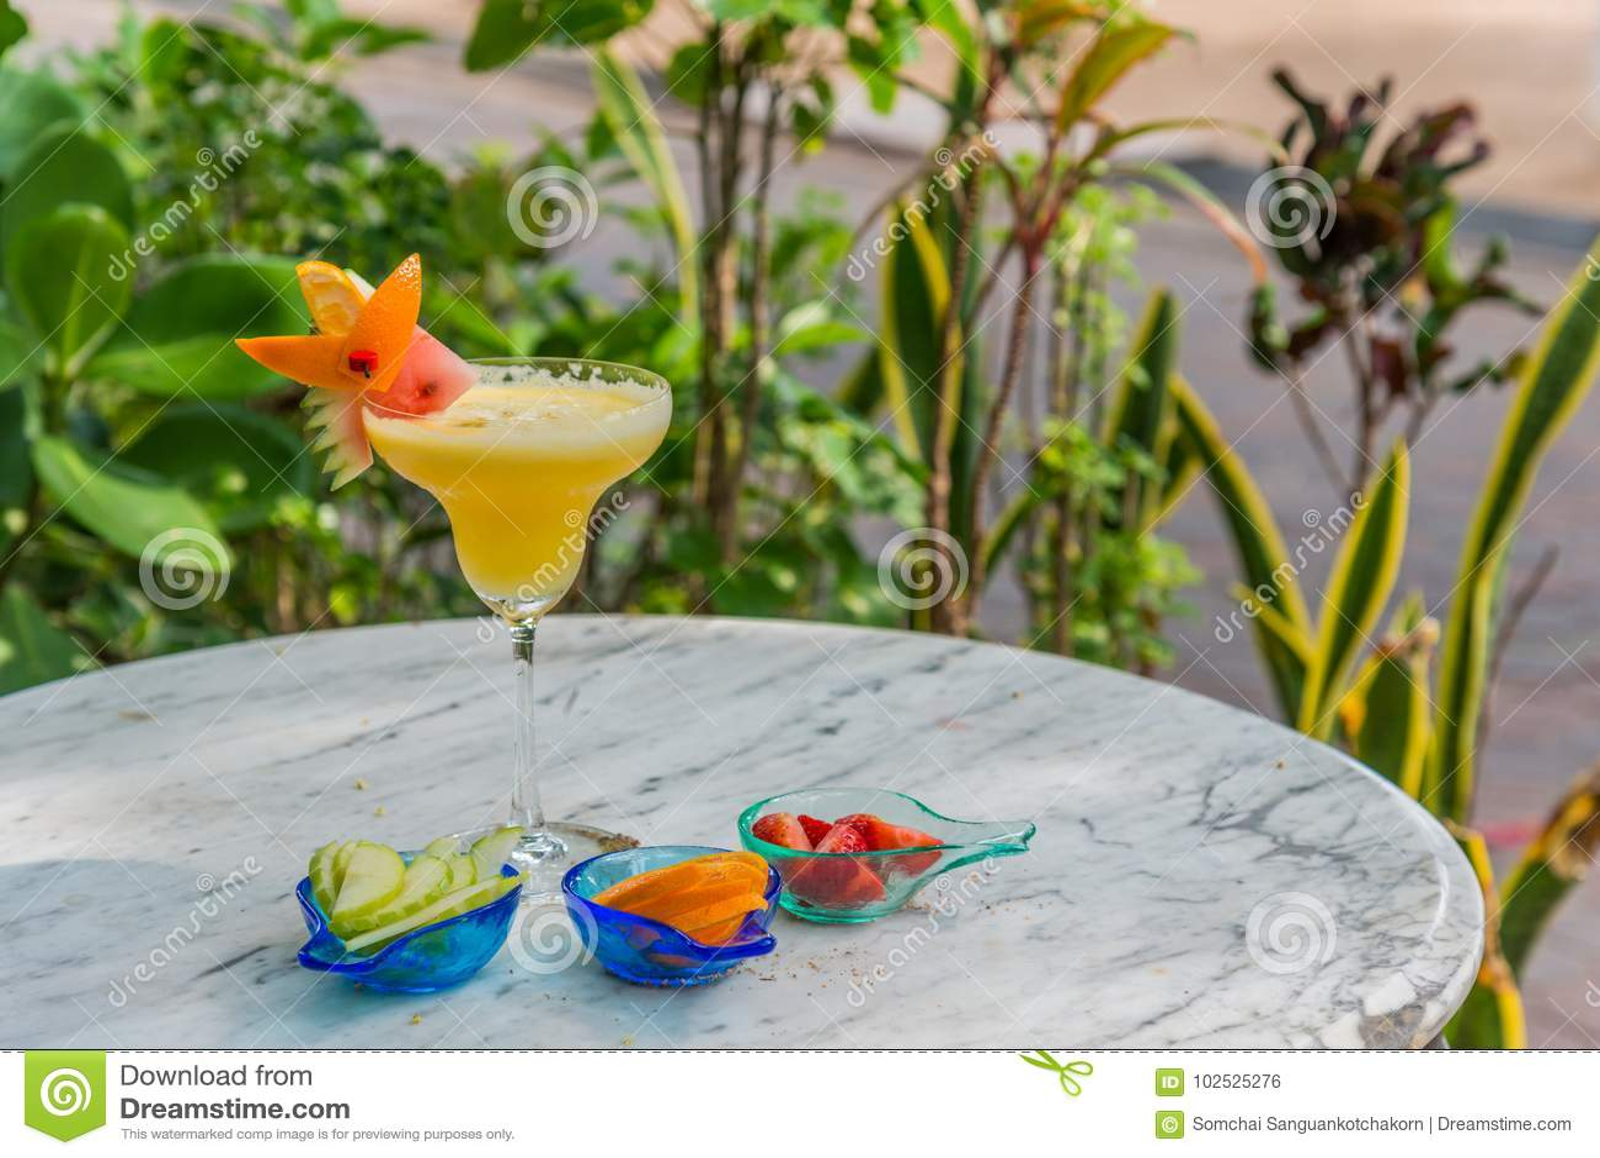 Ποτό κοκτέιλ στην κίτρινη εύνοια με το κομμάτι του καρπουζιού στην κορυφή